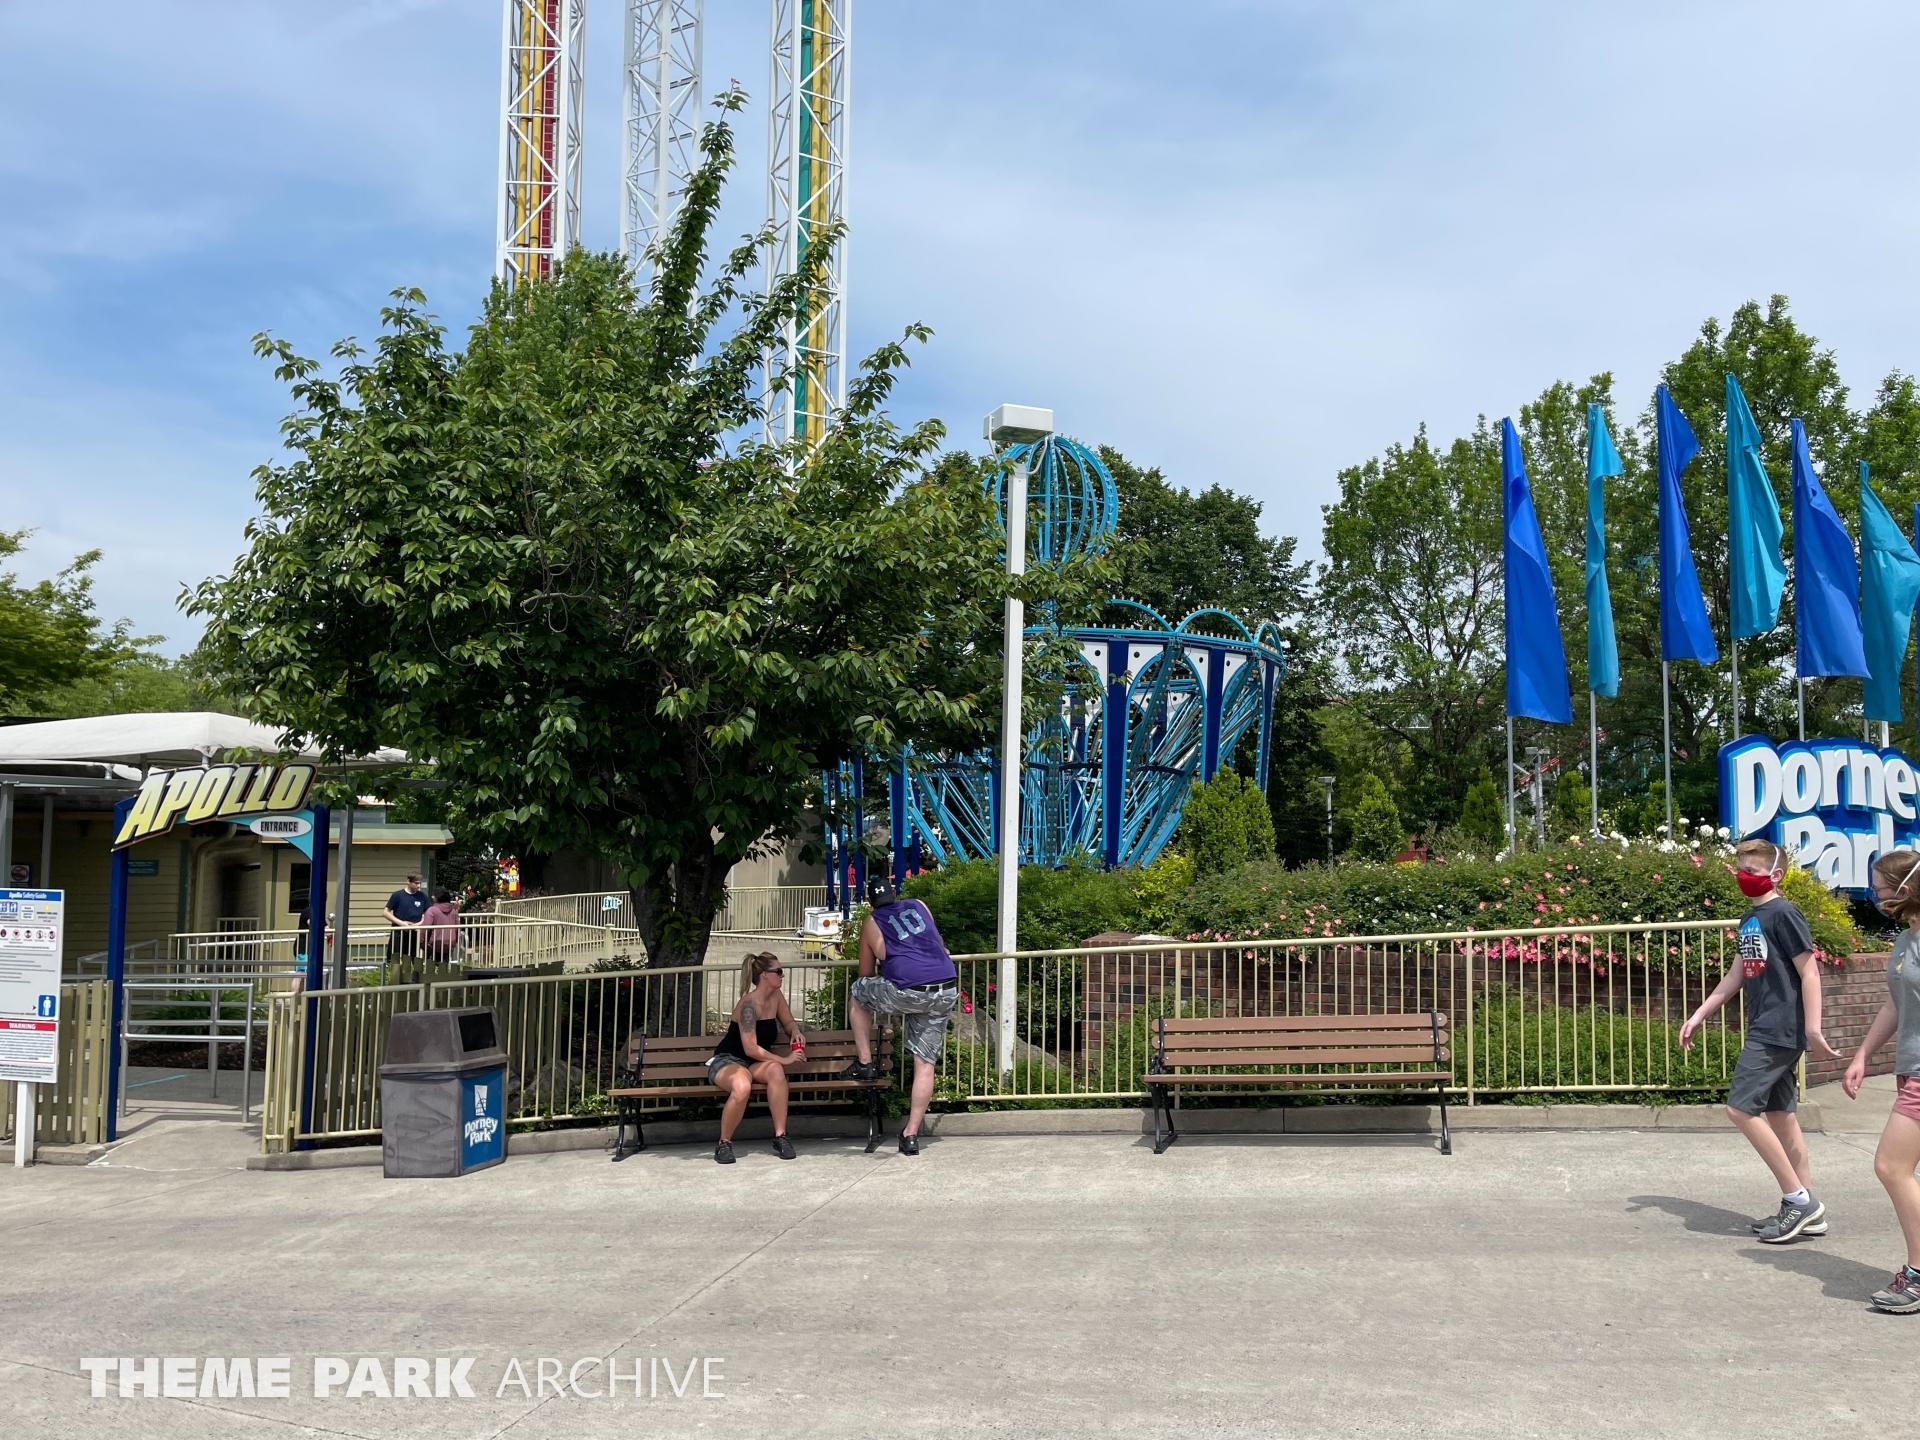 Apollo at Dorney Park